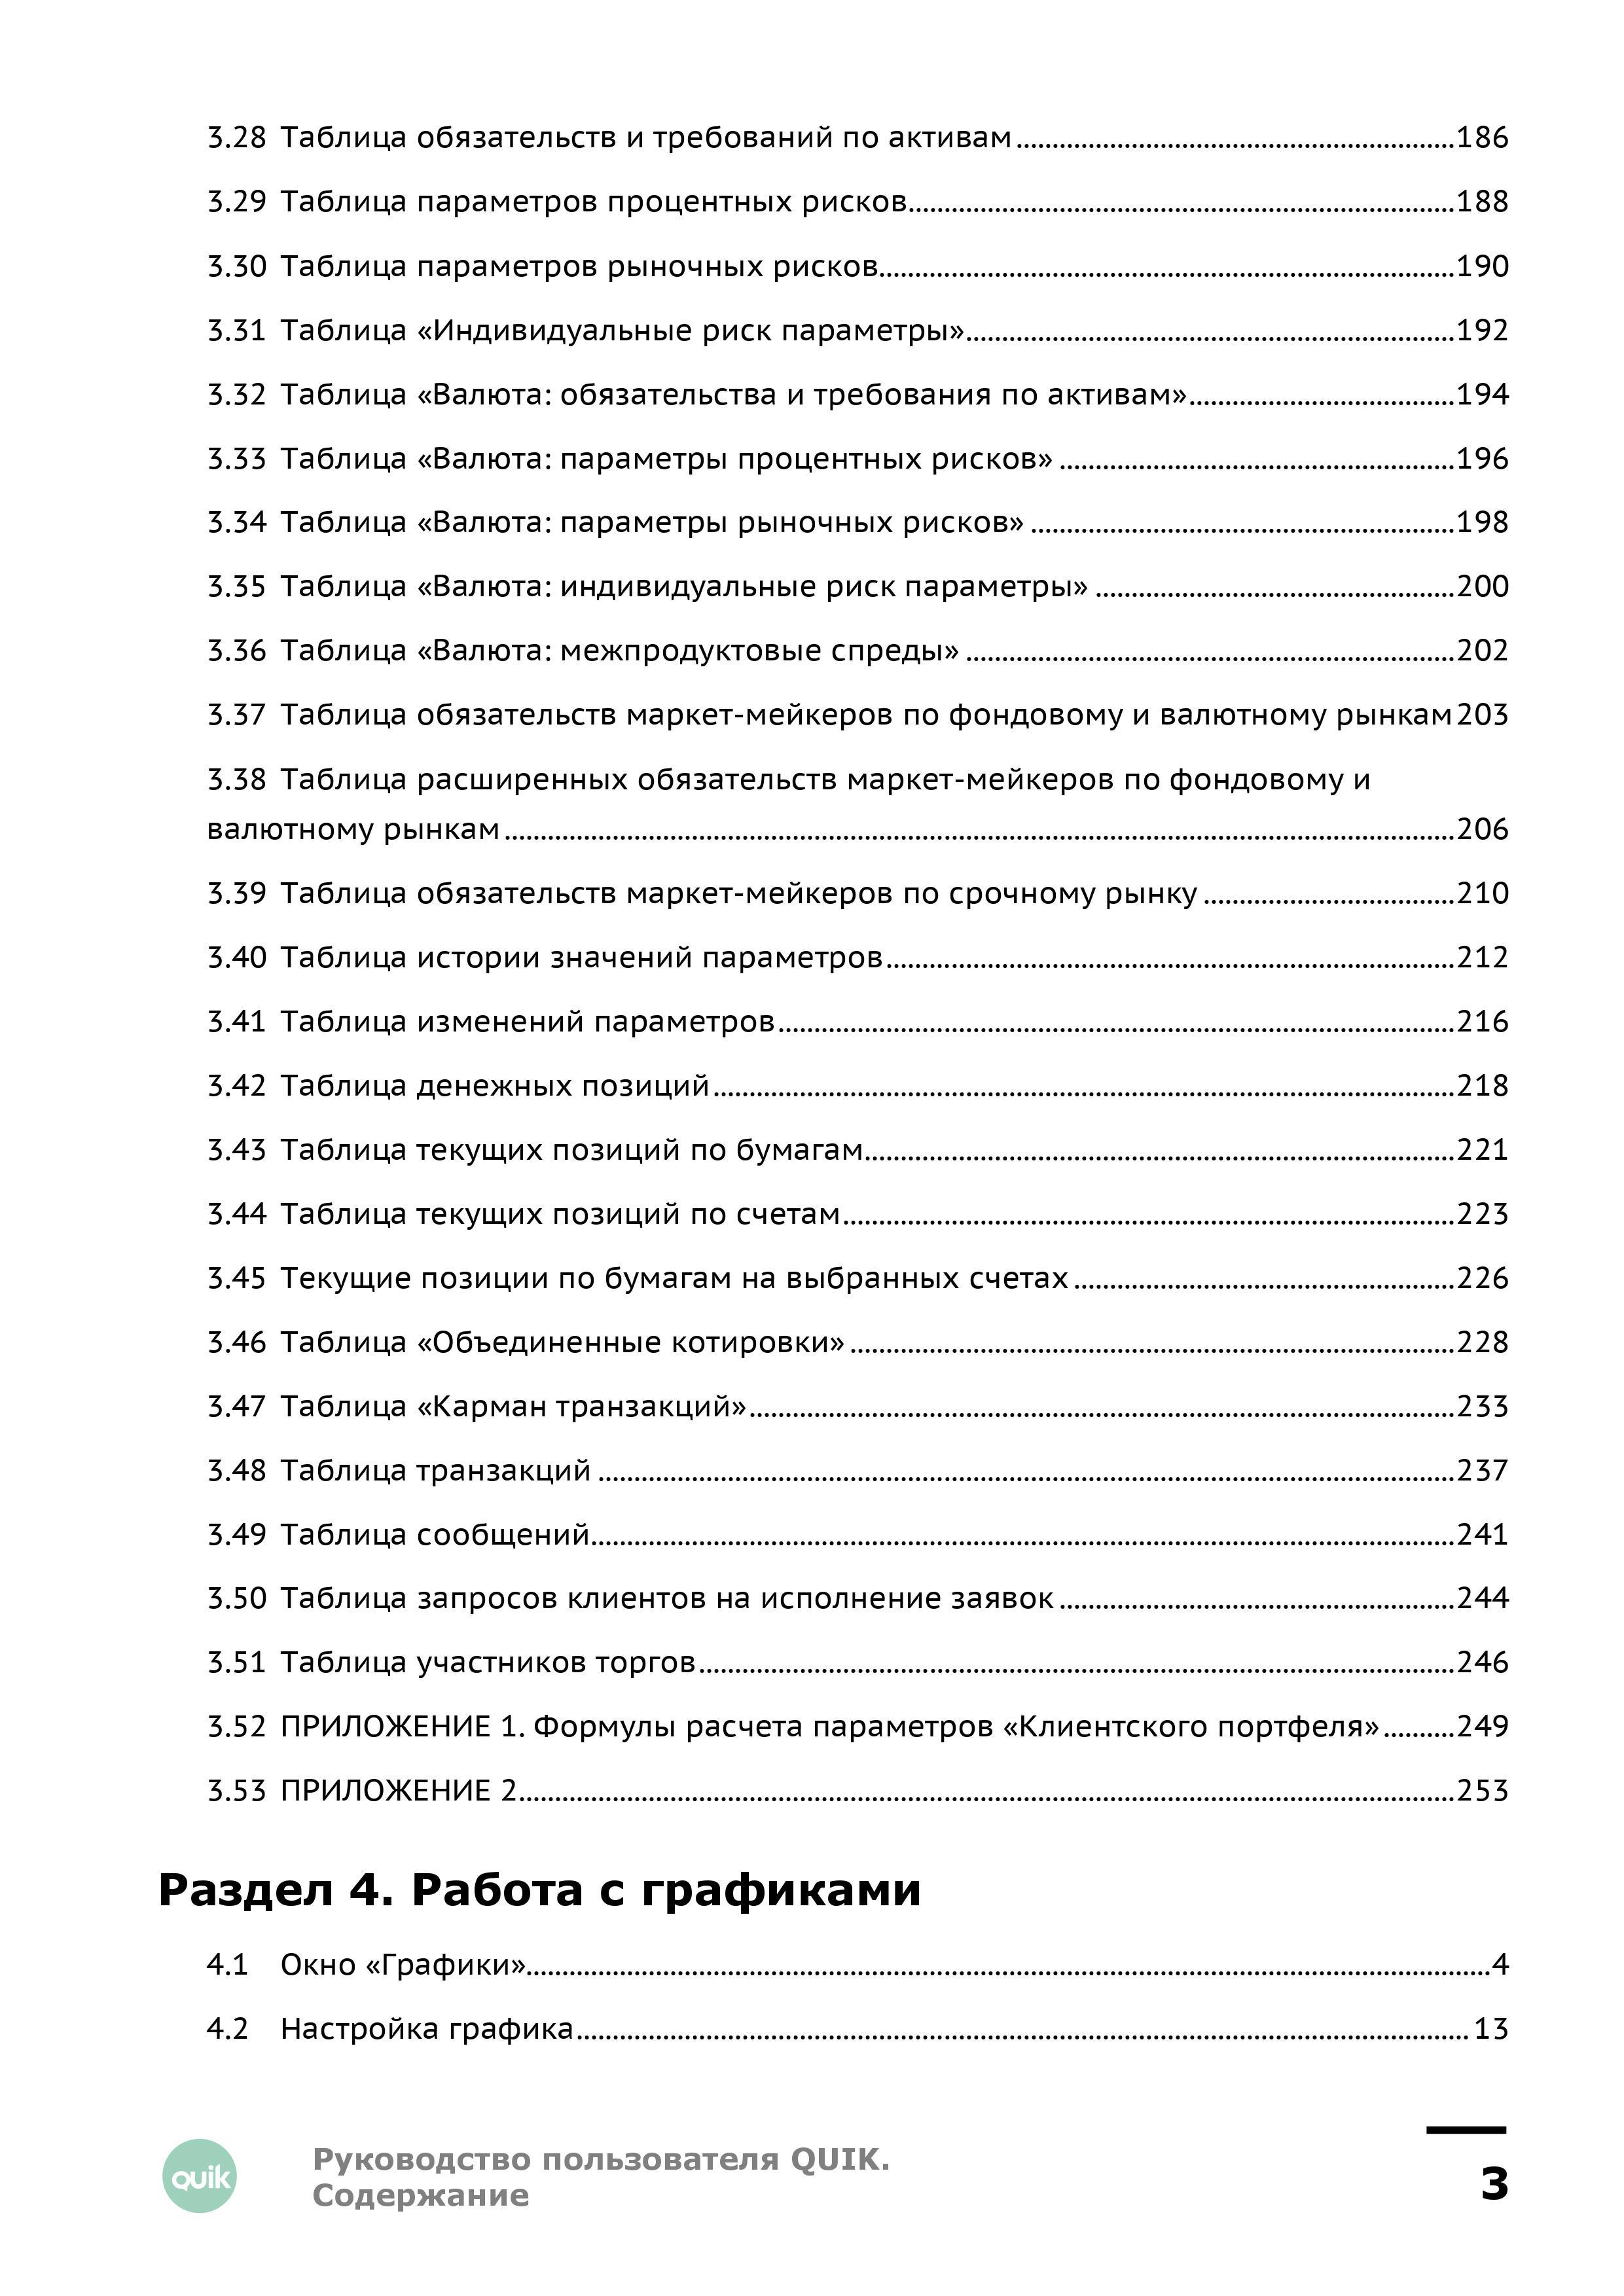 Подробной инструкции по работе с платформой стр. 3